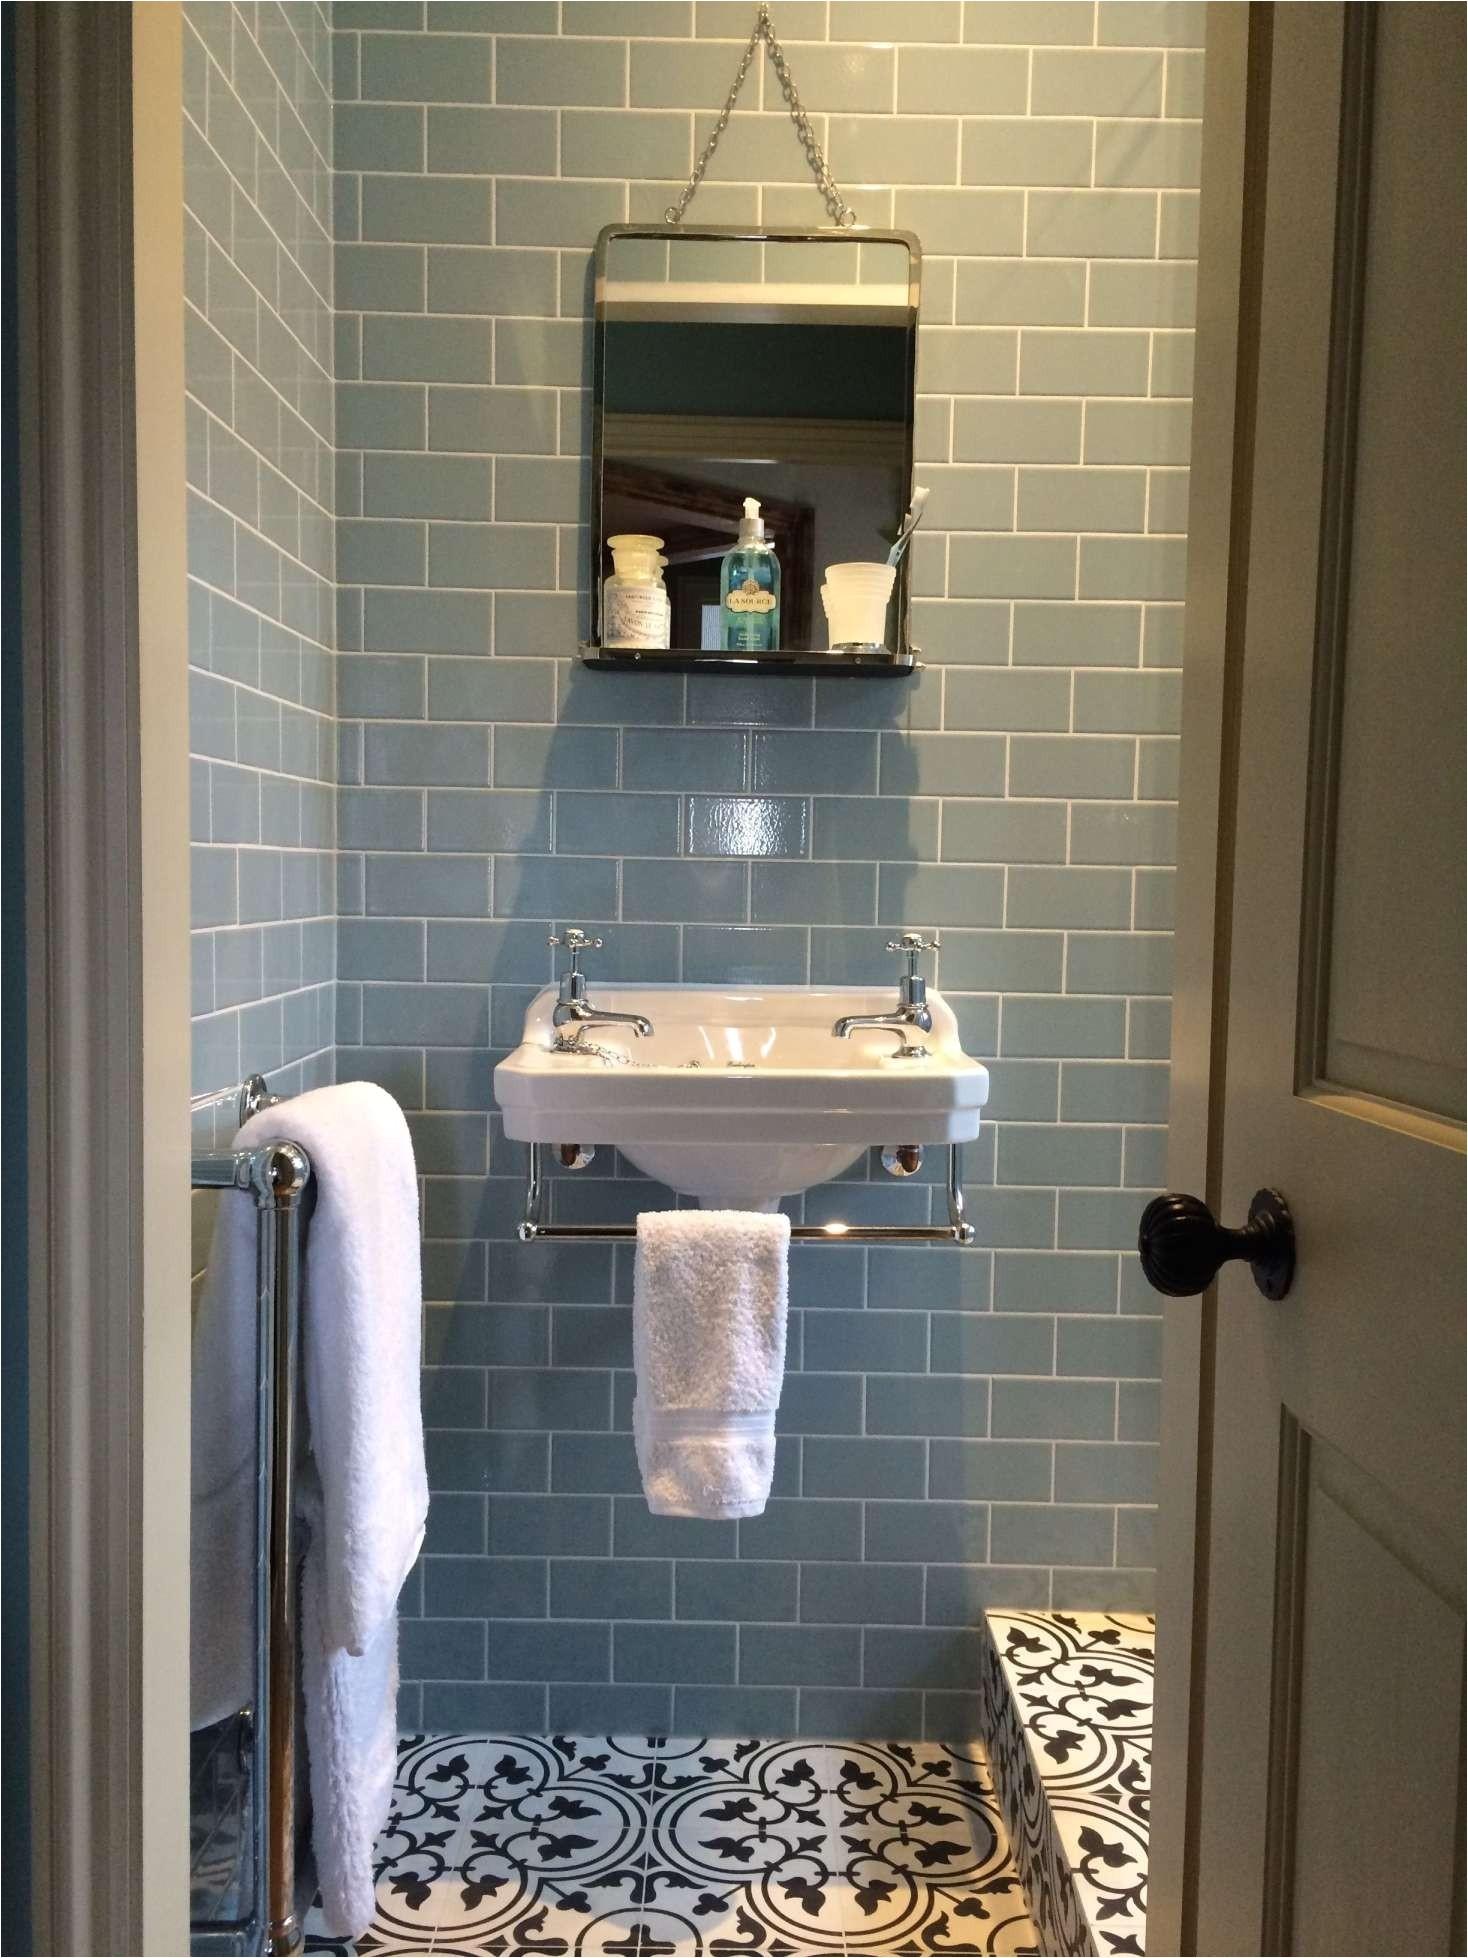 design bathroom fresh bathroom floor tile design ideas new floor tiles mosaic bathroom 0d